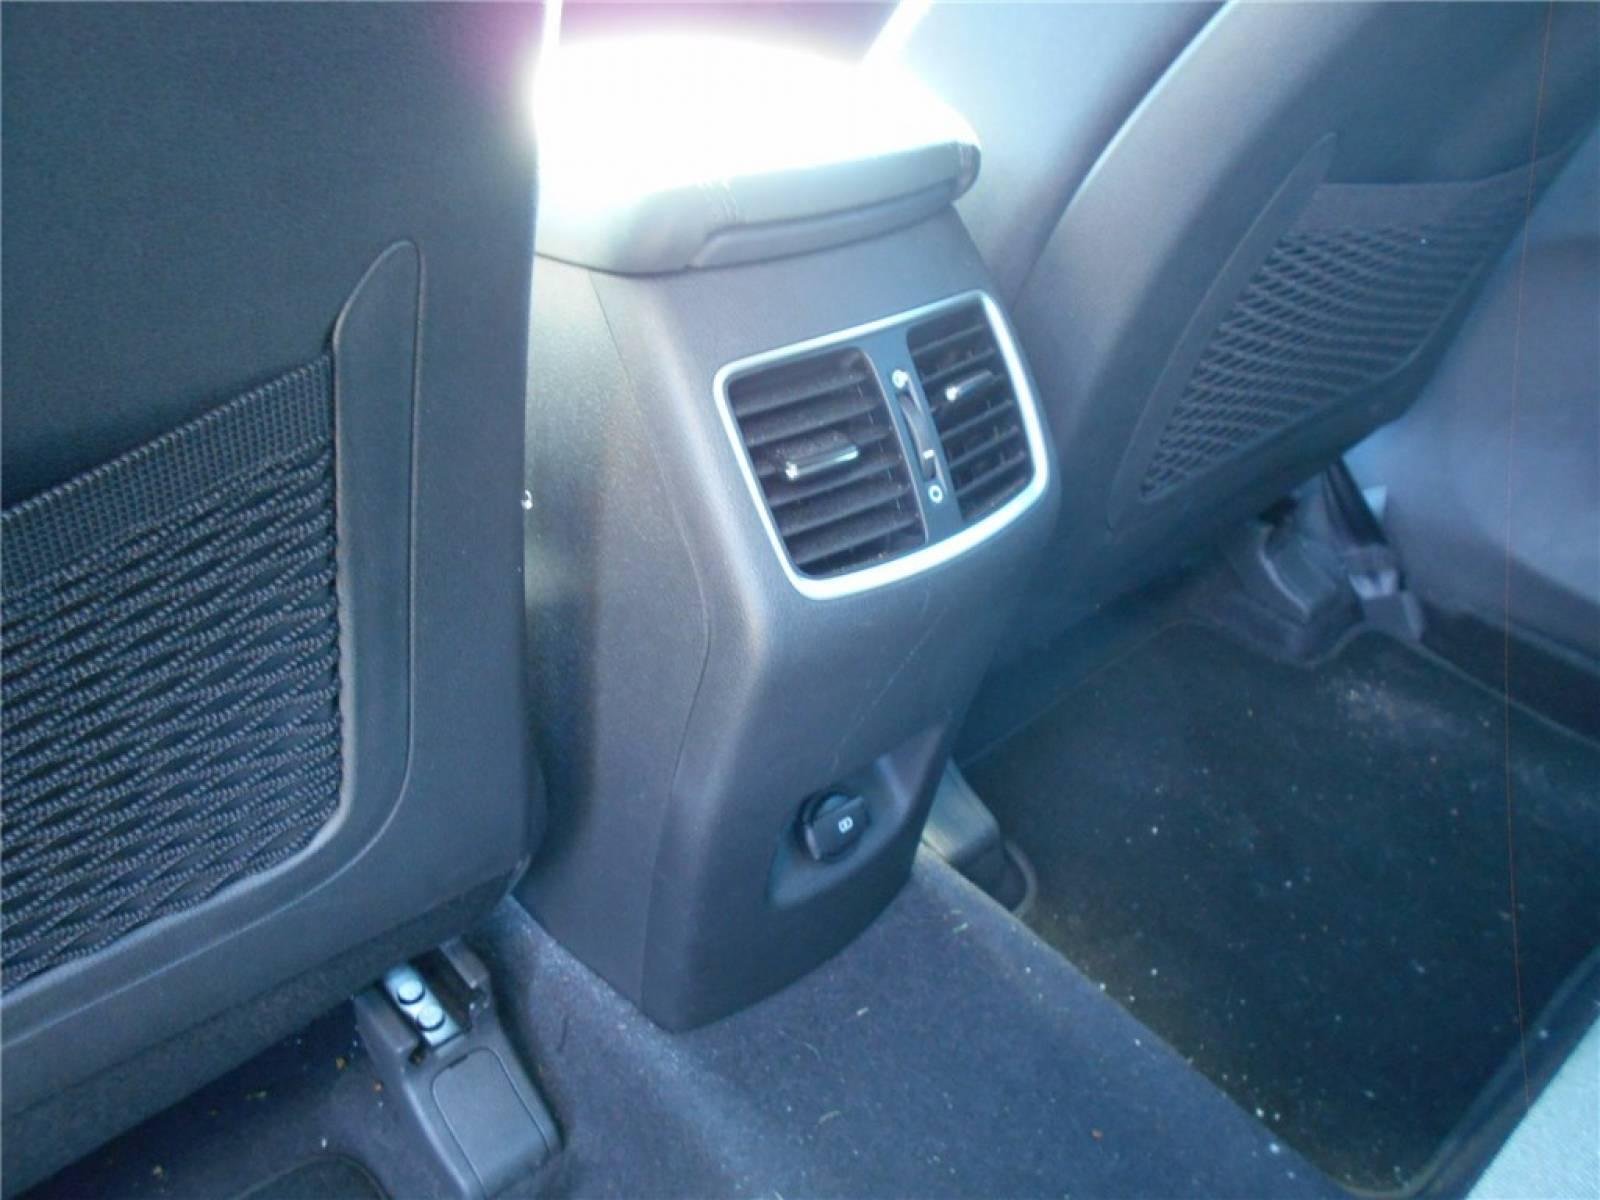 HYUNDAI Tucson 1.6 CRDi 136 - véhicule d'occasion - Groupe Guillet - Chalon Automobiles - 71100 - Chalon-sur-Saône - 10